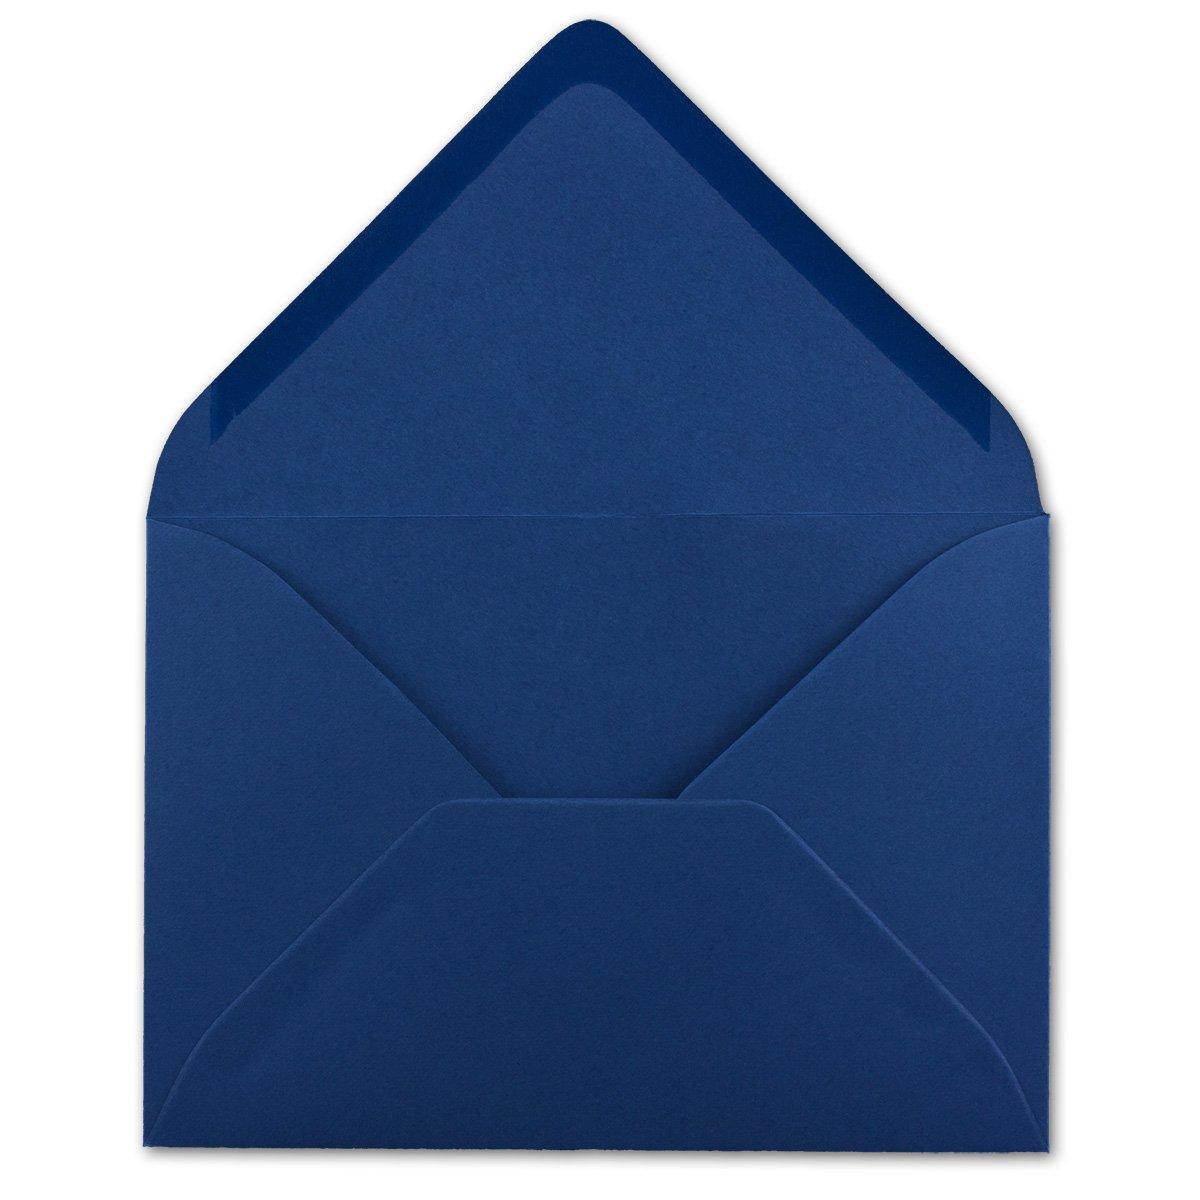 200x Brief-Umschläge in Dunkel-Grün - 80 g m² - - - KuGrüns in DIN B6 Format 125 x 175 mm - Nassklebung ohne Fenster - Qualitätsmarke FarbenFroh® B07B8L7433 | Sonderpreis  9ac8f4